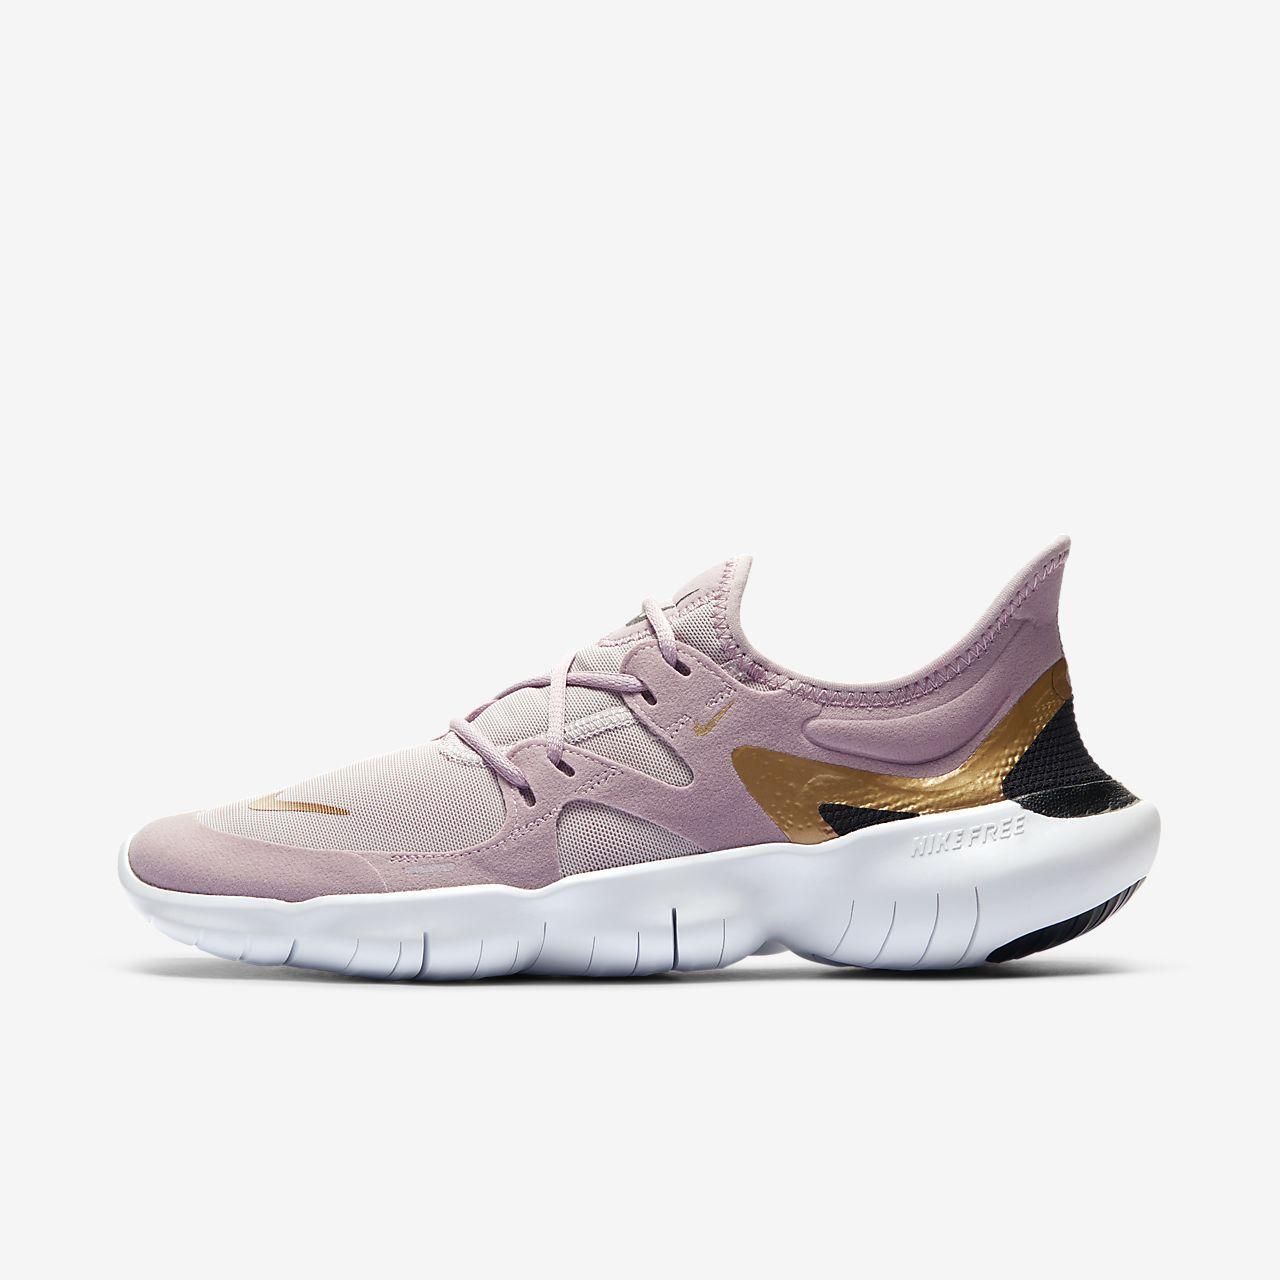 Nike Free RN 5.0 løbesko til kvinder